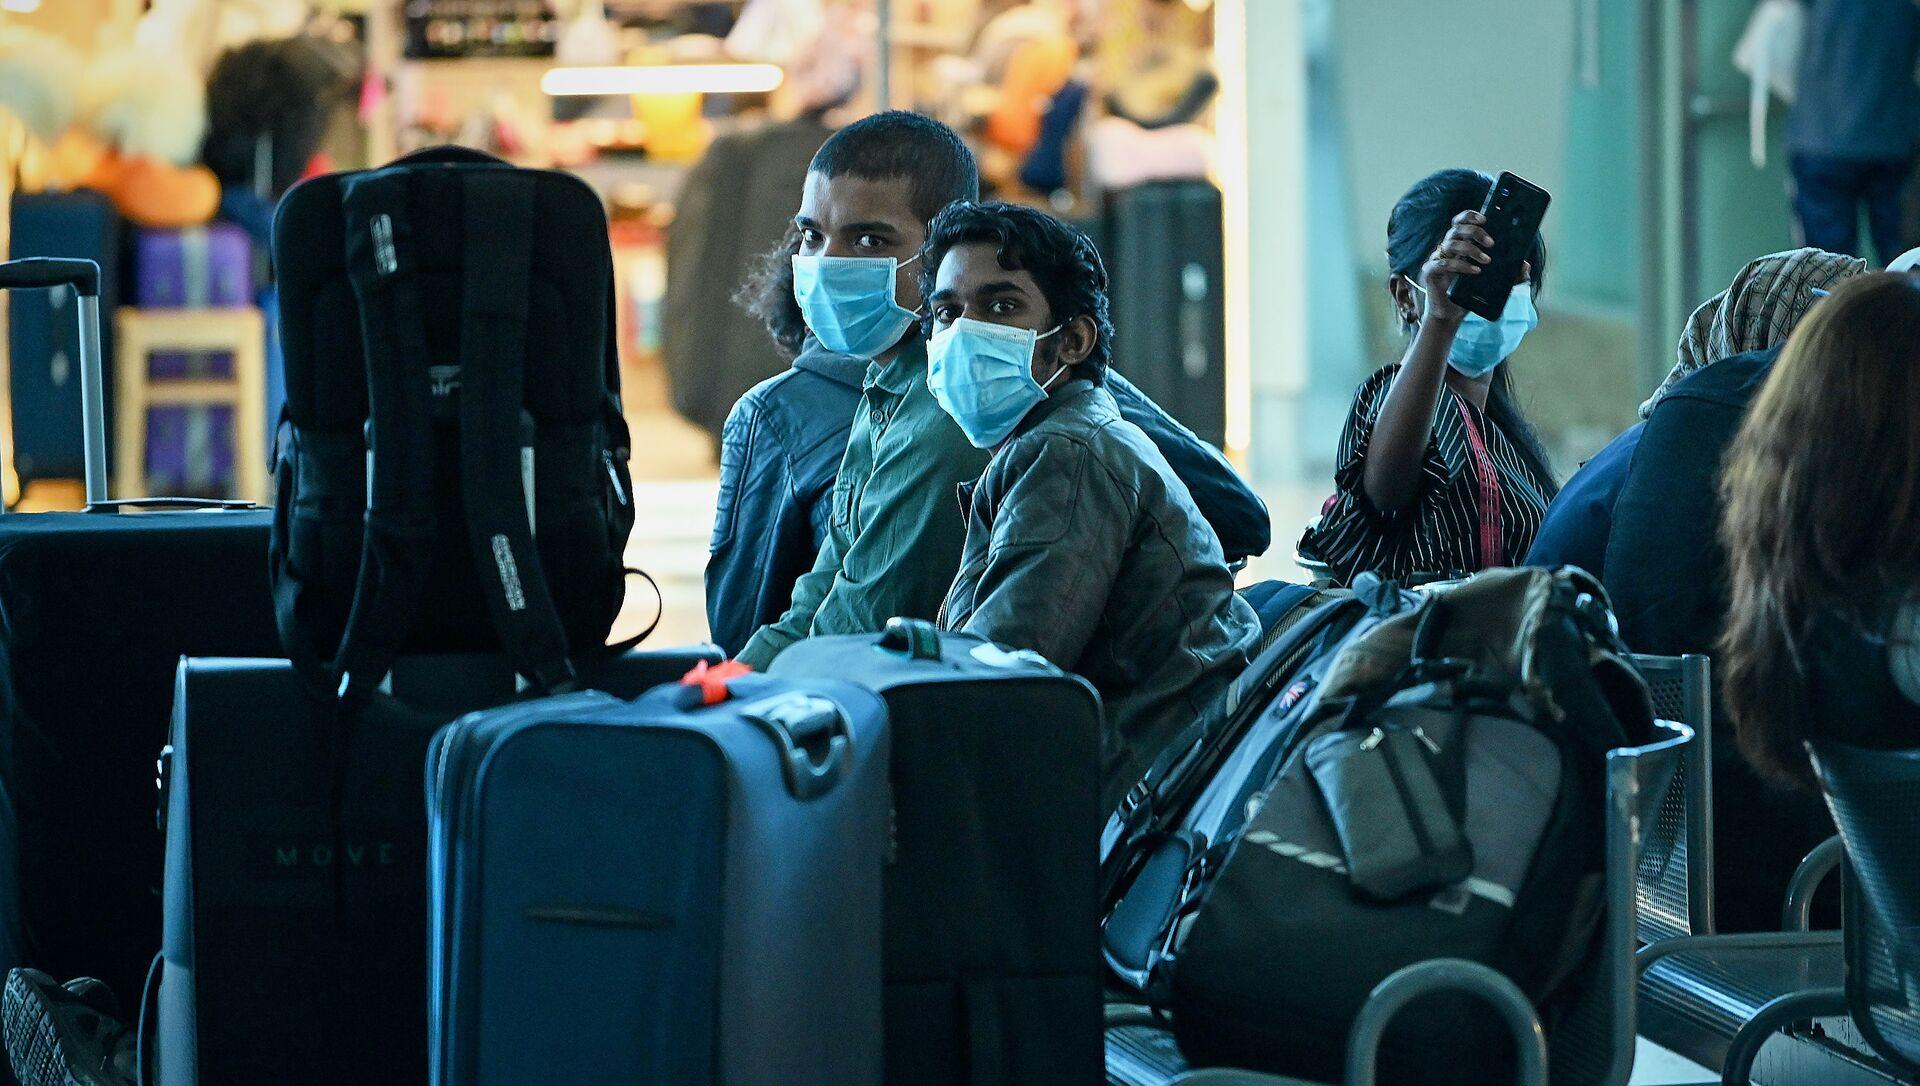 Туристы в масках в зале ожидания в тбилисском аэропорту. Власти Грузии принимают меры против коронавируса - Sputnik Грузия, 1920, 14.04.2021